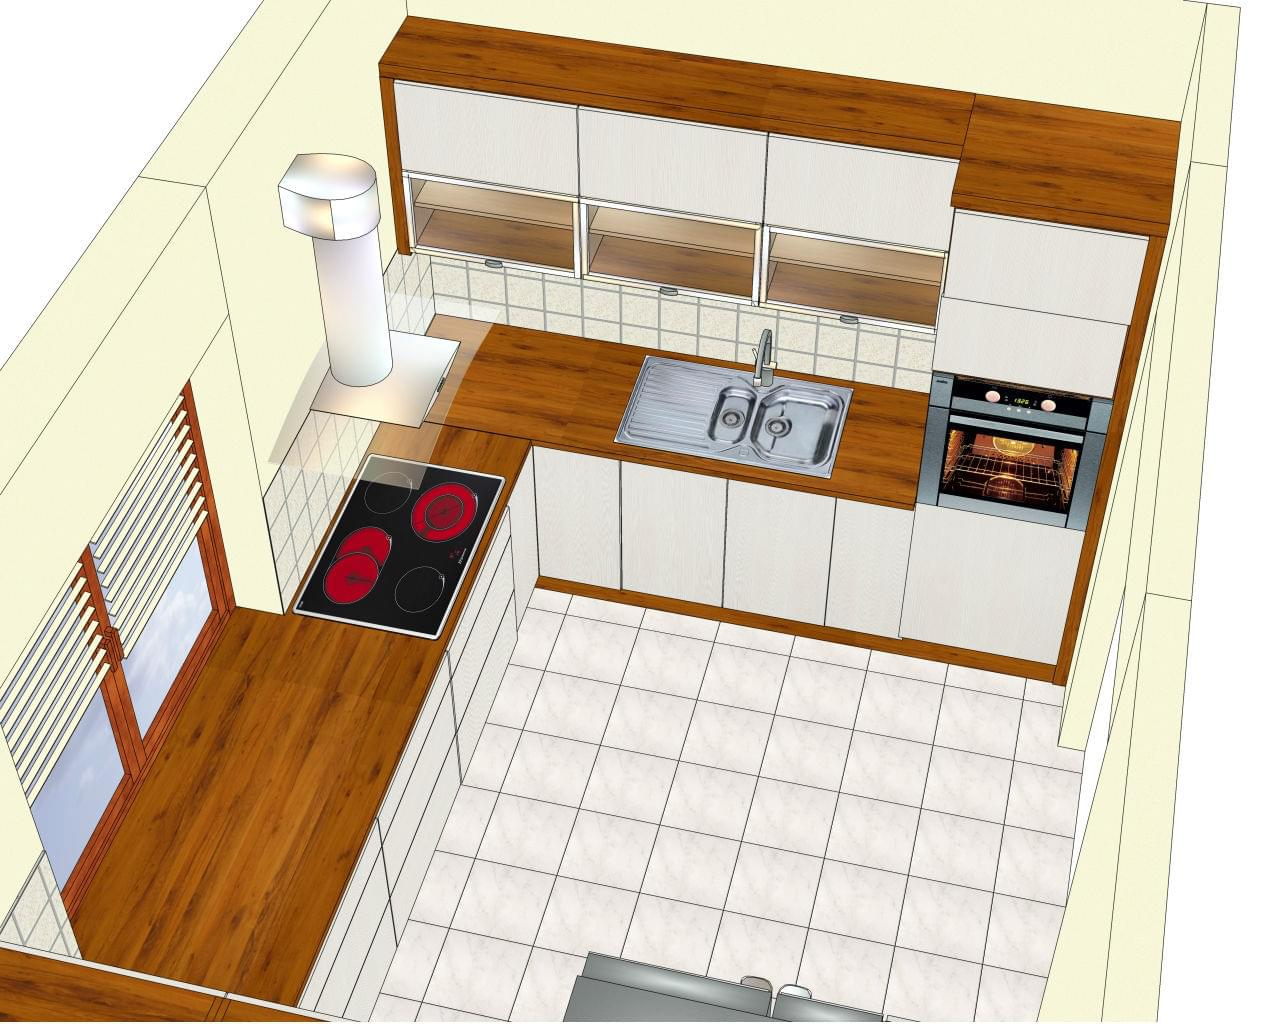 Projekt kuchni - wizualizacje - Projektowanie wnętrz - forum.muratordom.pl